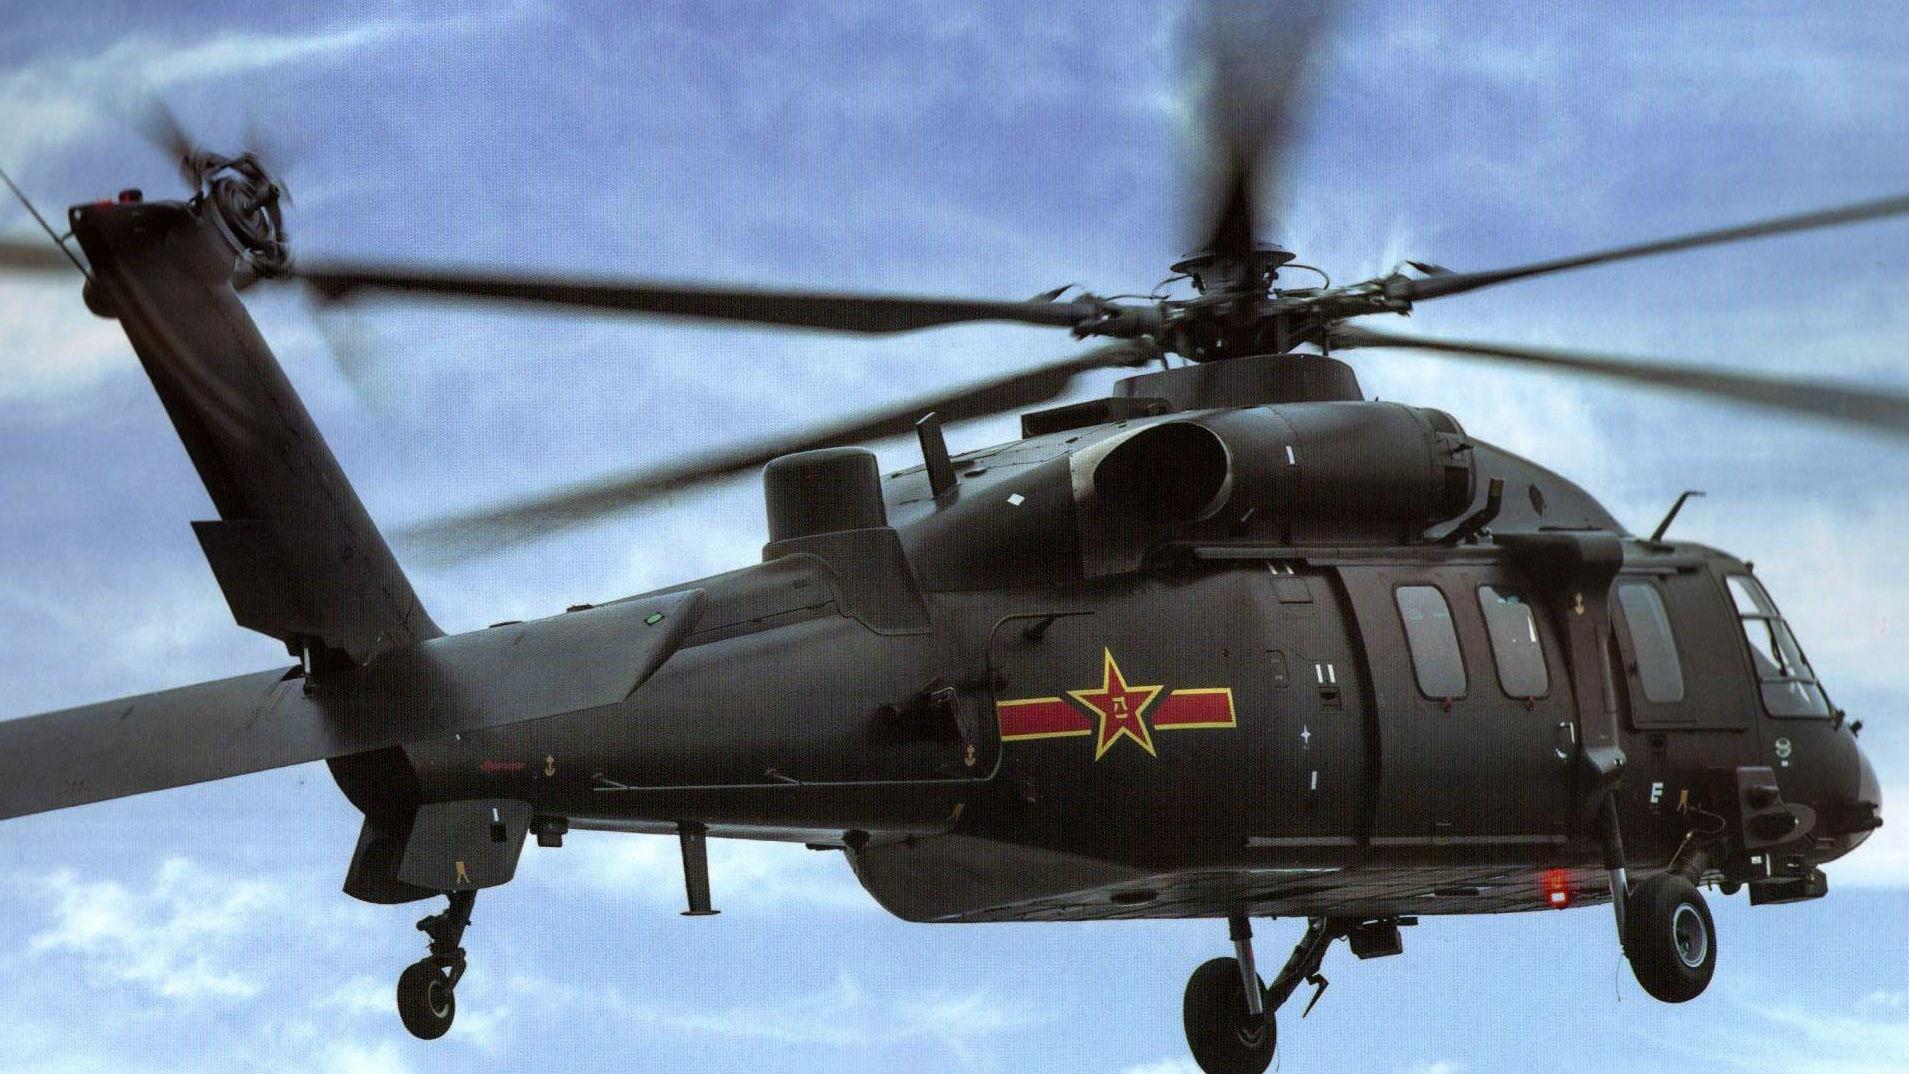 境外媒体:中国国产直-20直升机将亮相珠海航展 或部署西藏高原